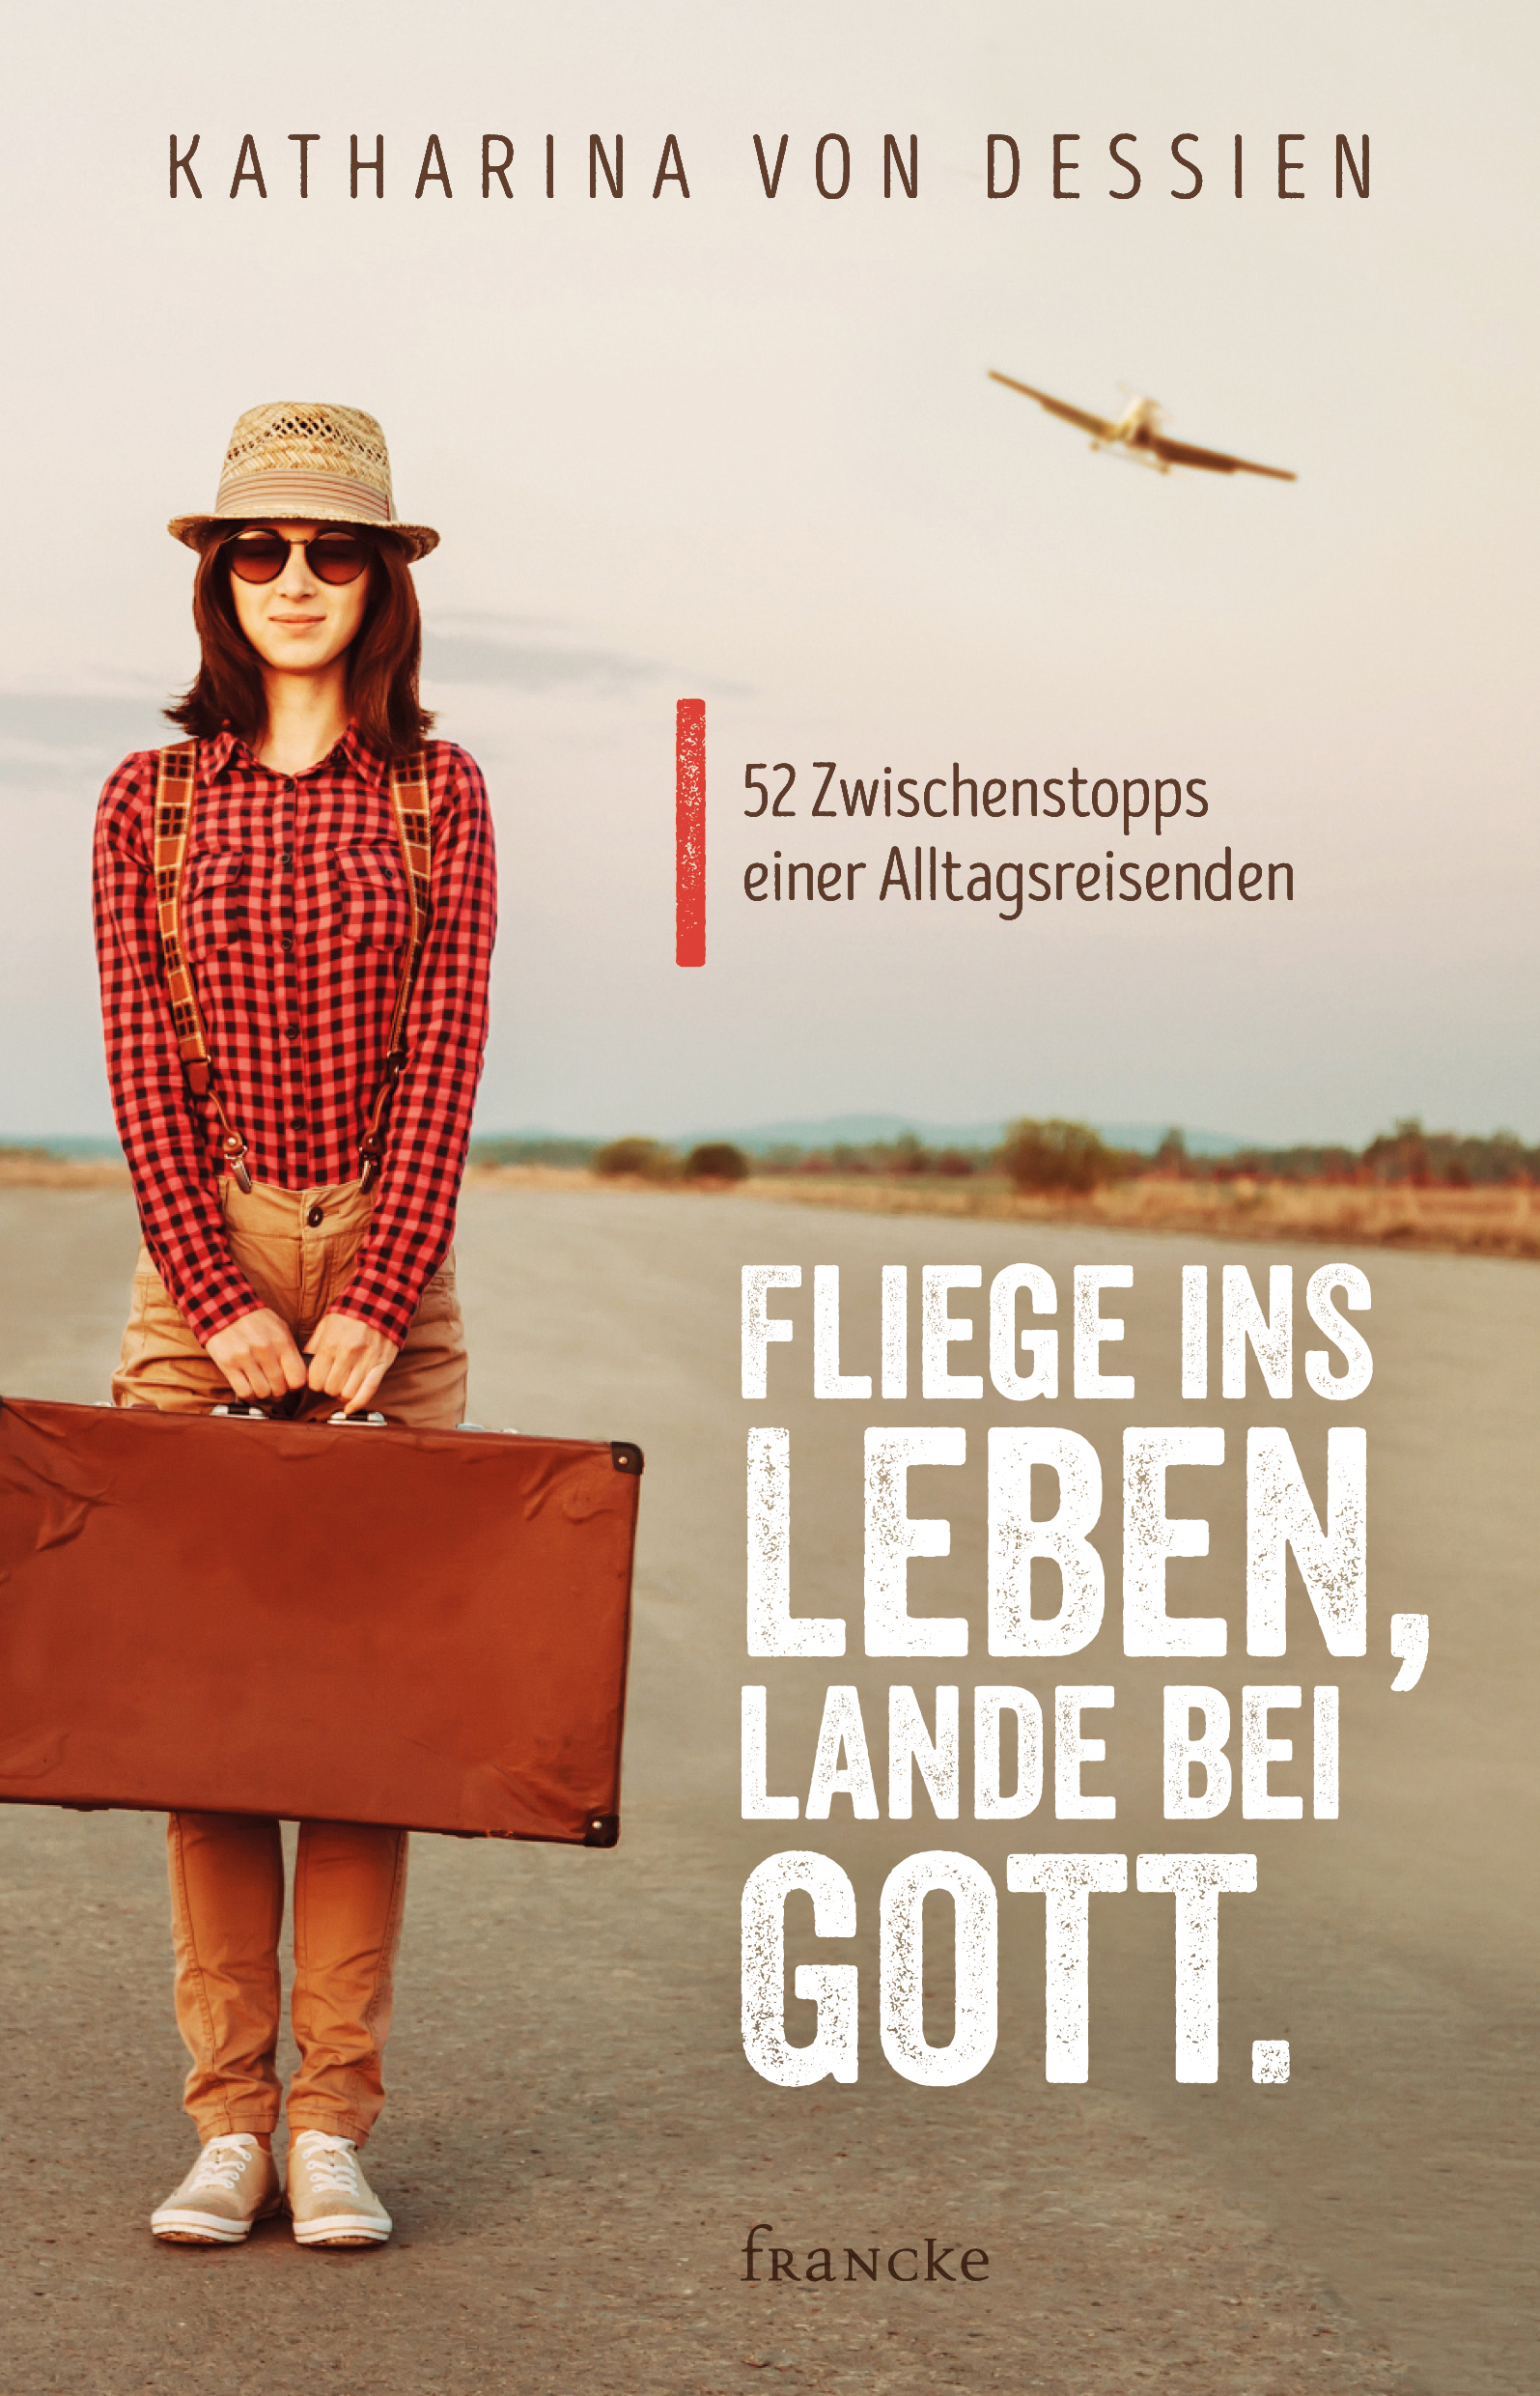 Francke Fliege Ins Leben Lande Bei Gott Katharina Von Dessien